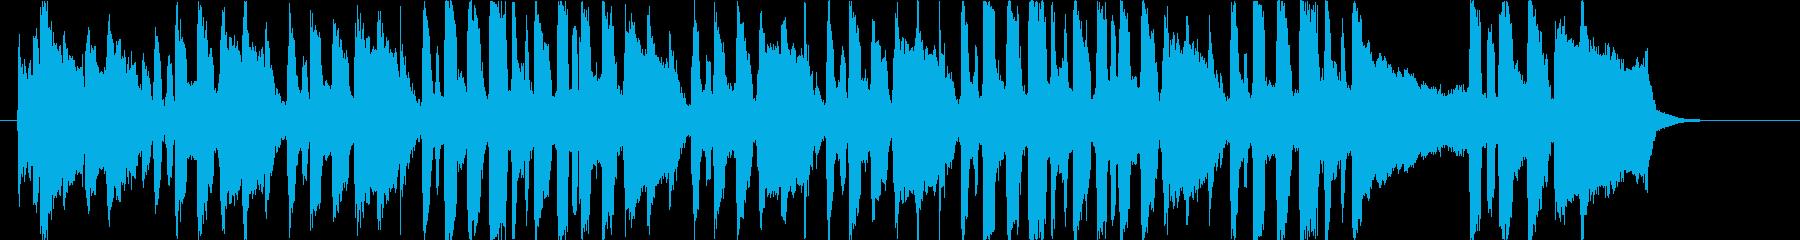 誕生日の歌(ワルツver) 【イツキ】の再生済みの波形